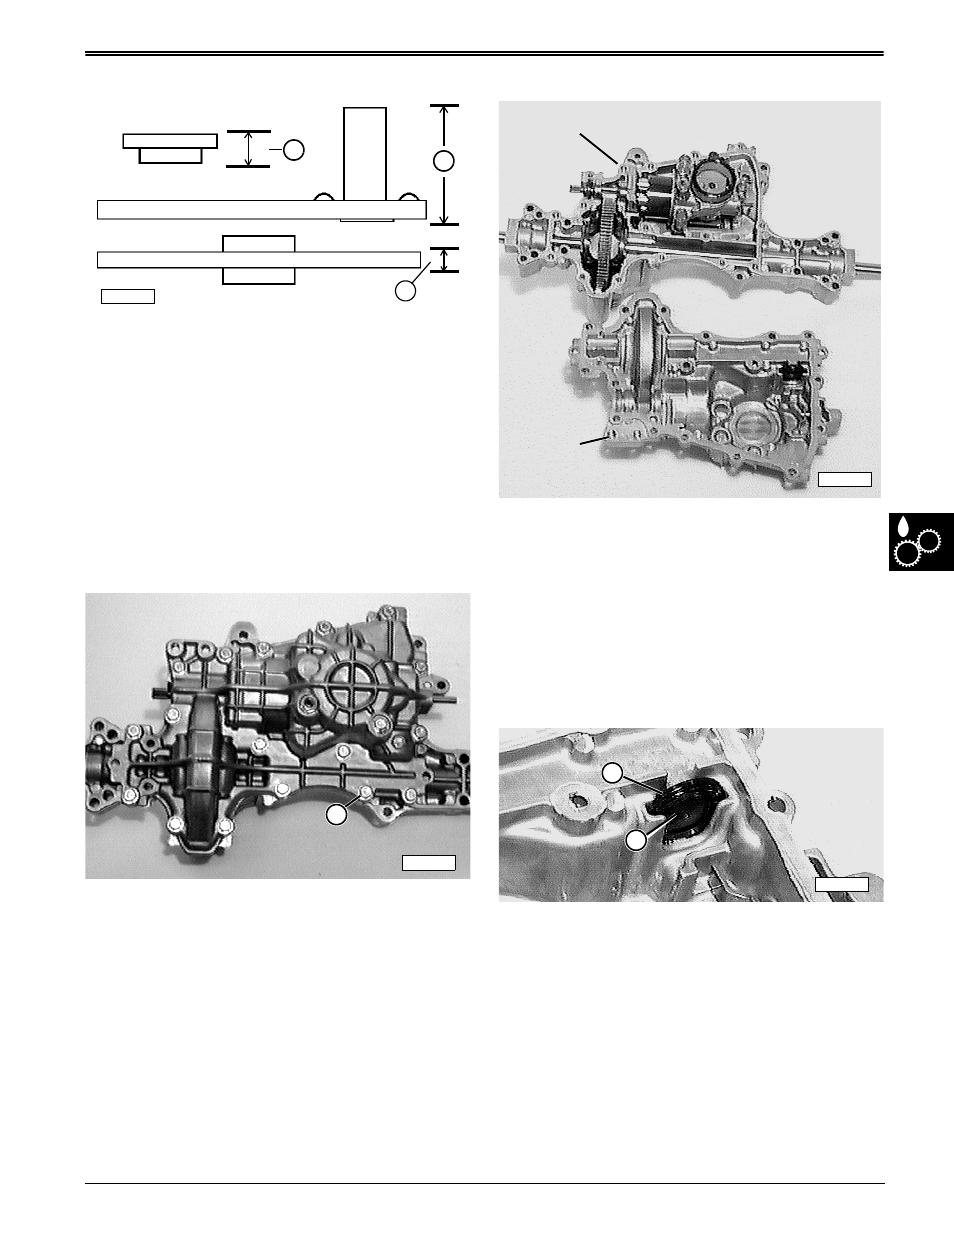 John Deere stx38 User Manual | Page 265 / 314